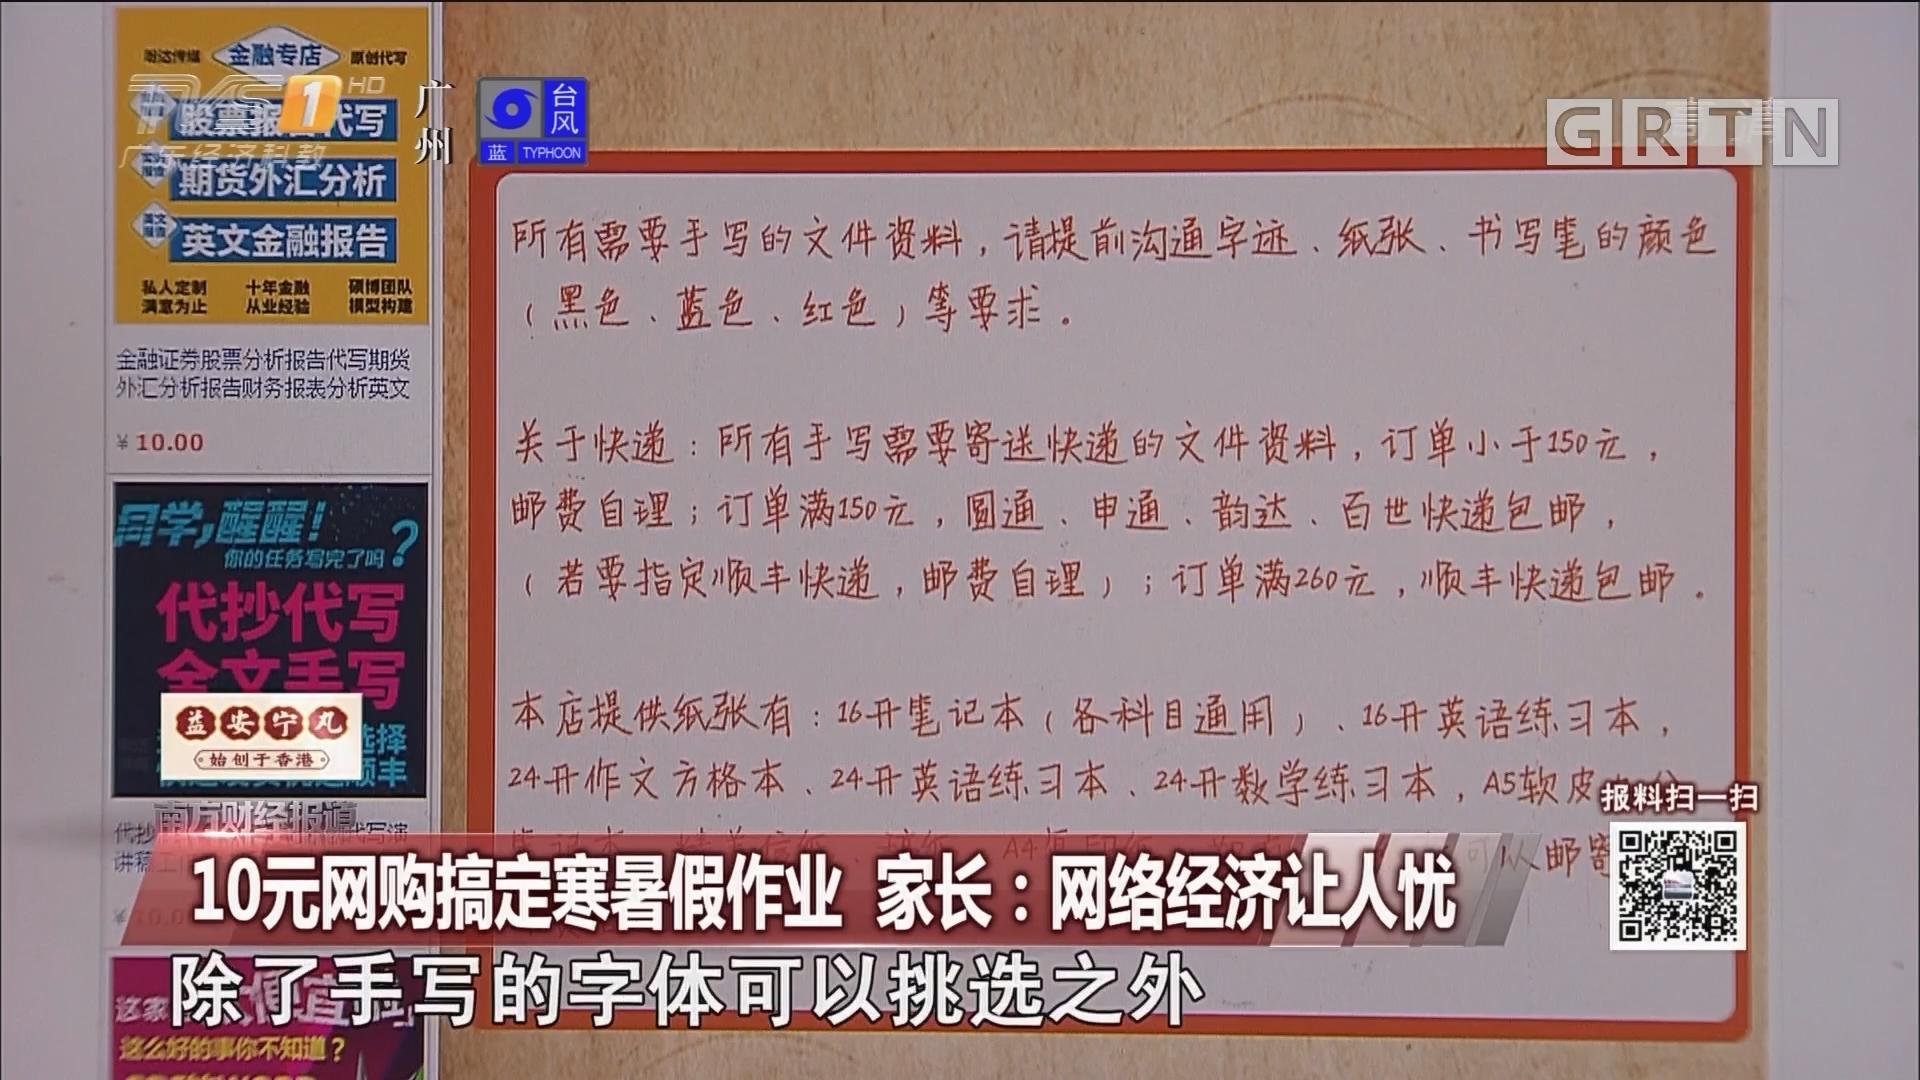 10元网购搞定寒暑假作业 家长:网络经济让人忧